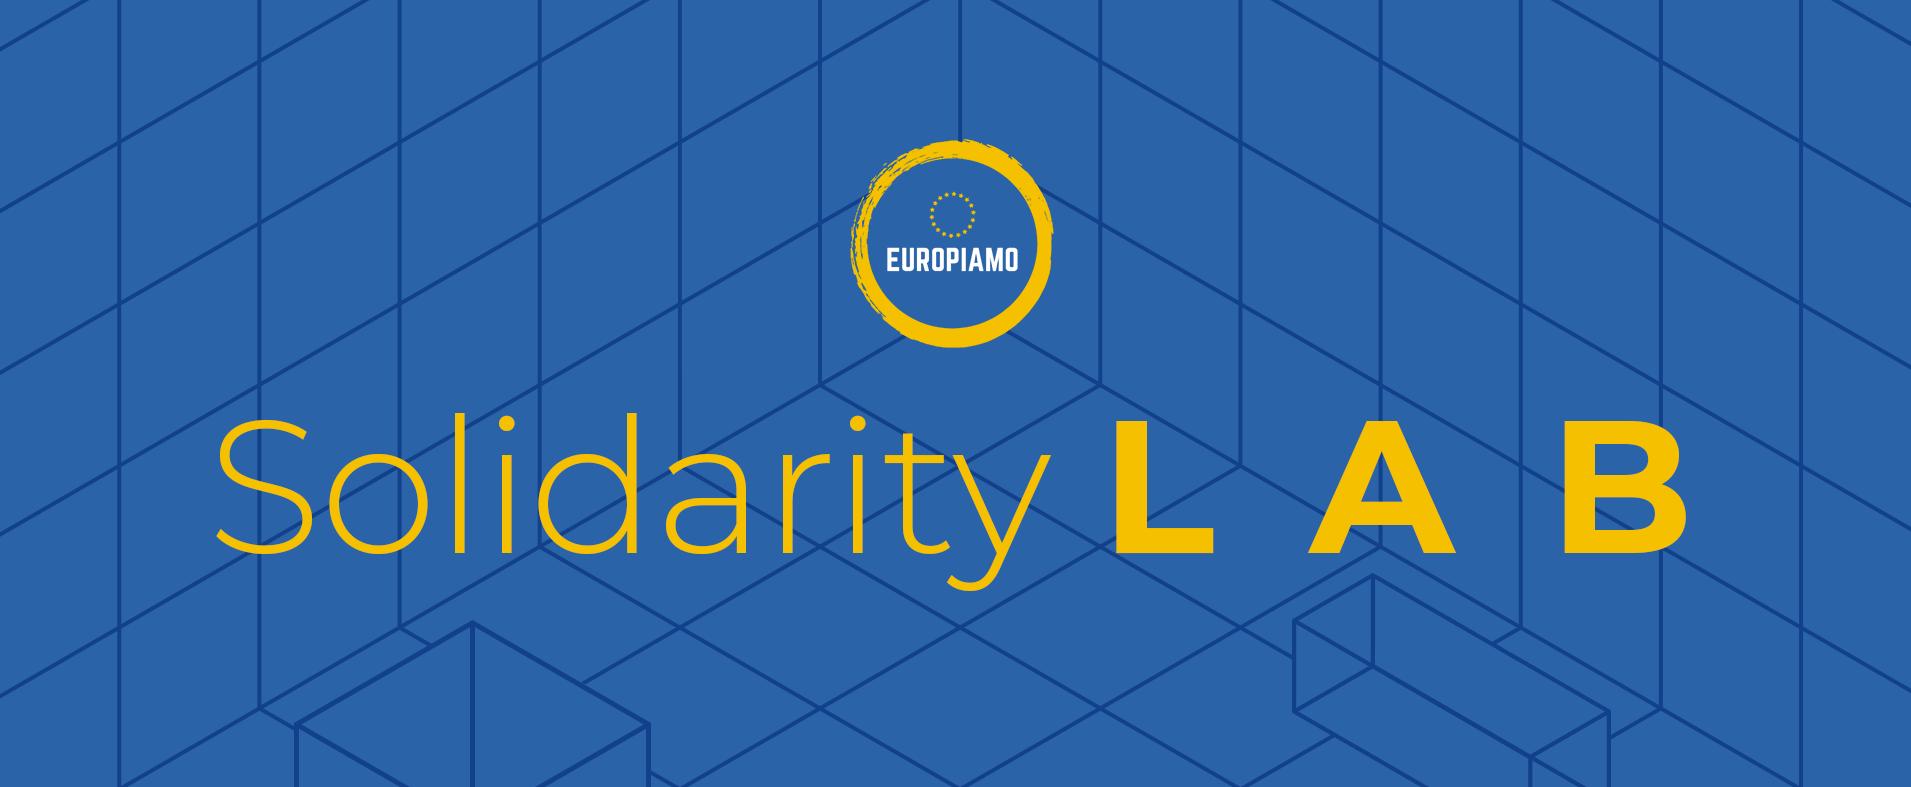 Copertina del progetto Solidarity Lab